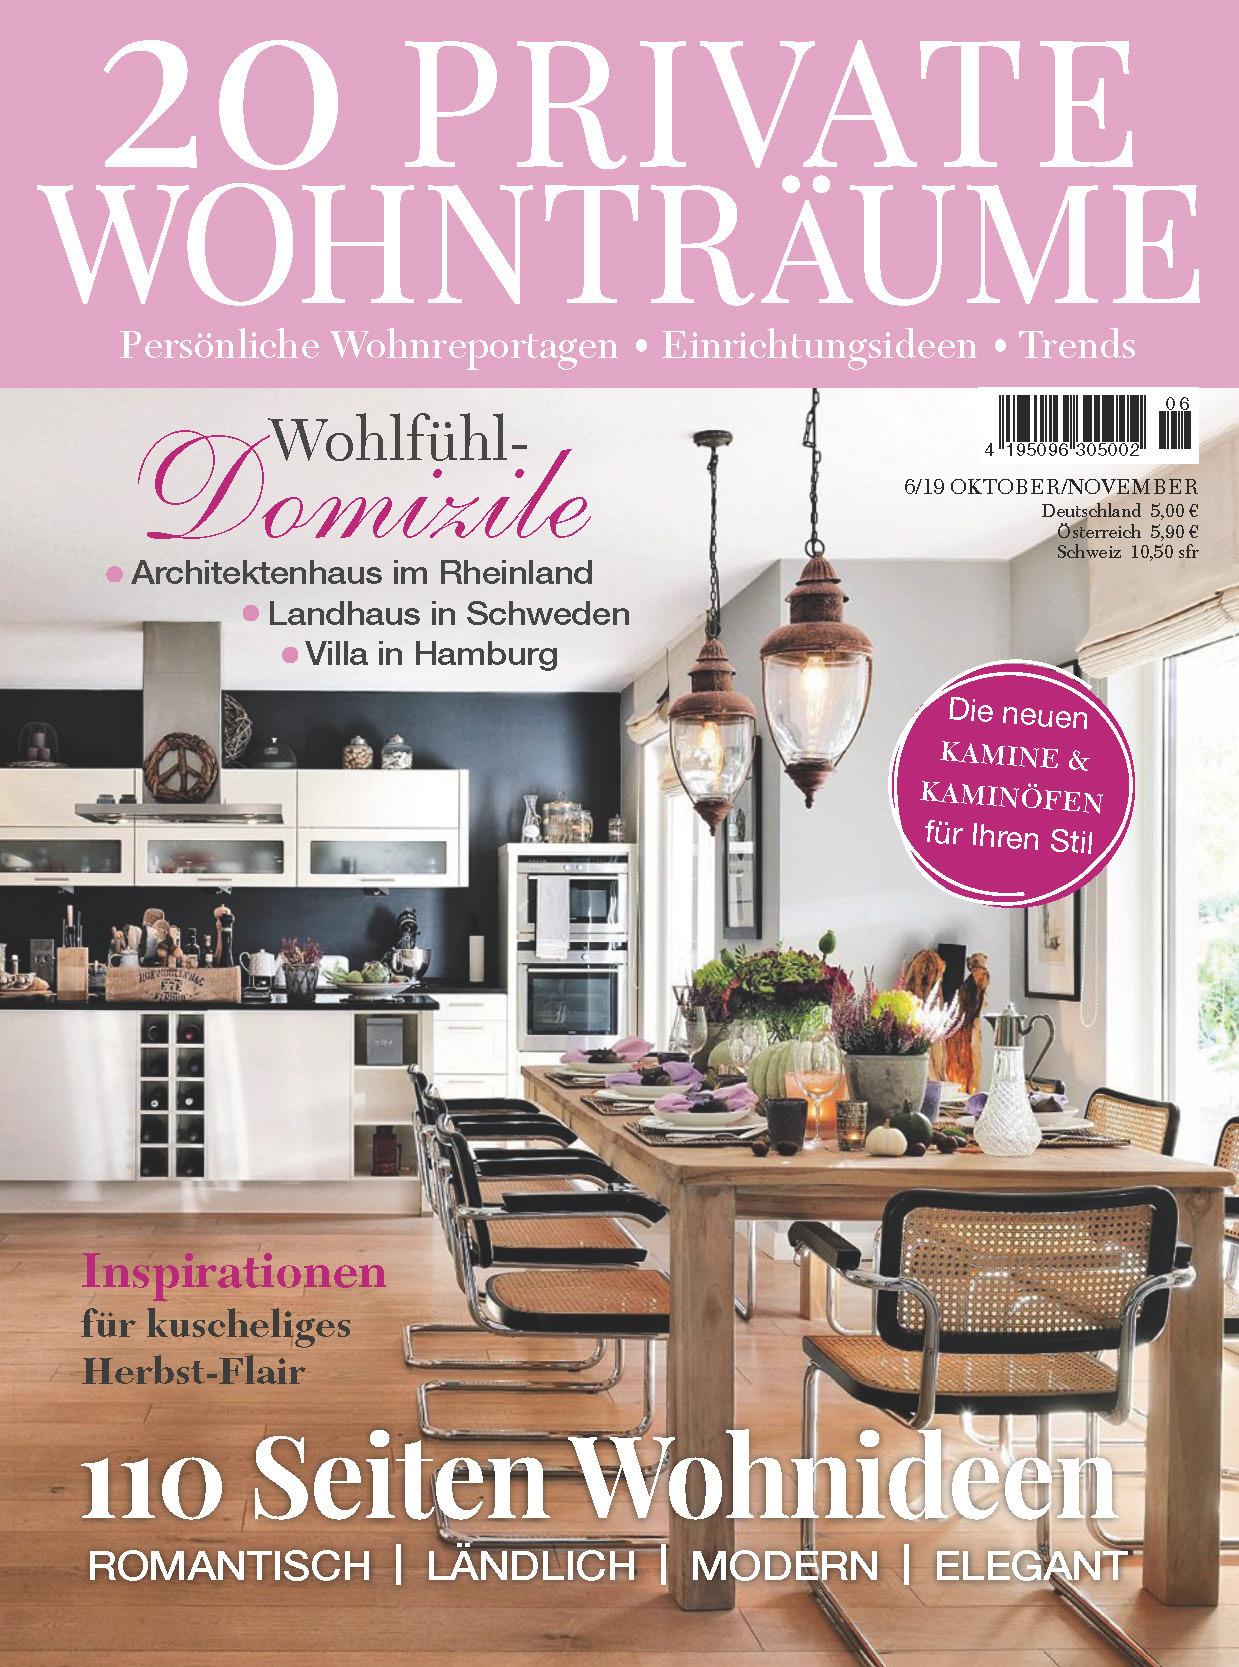 《20 Private Wohntraume》德國版室內室外設計雜志2019年10-11月號